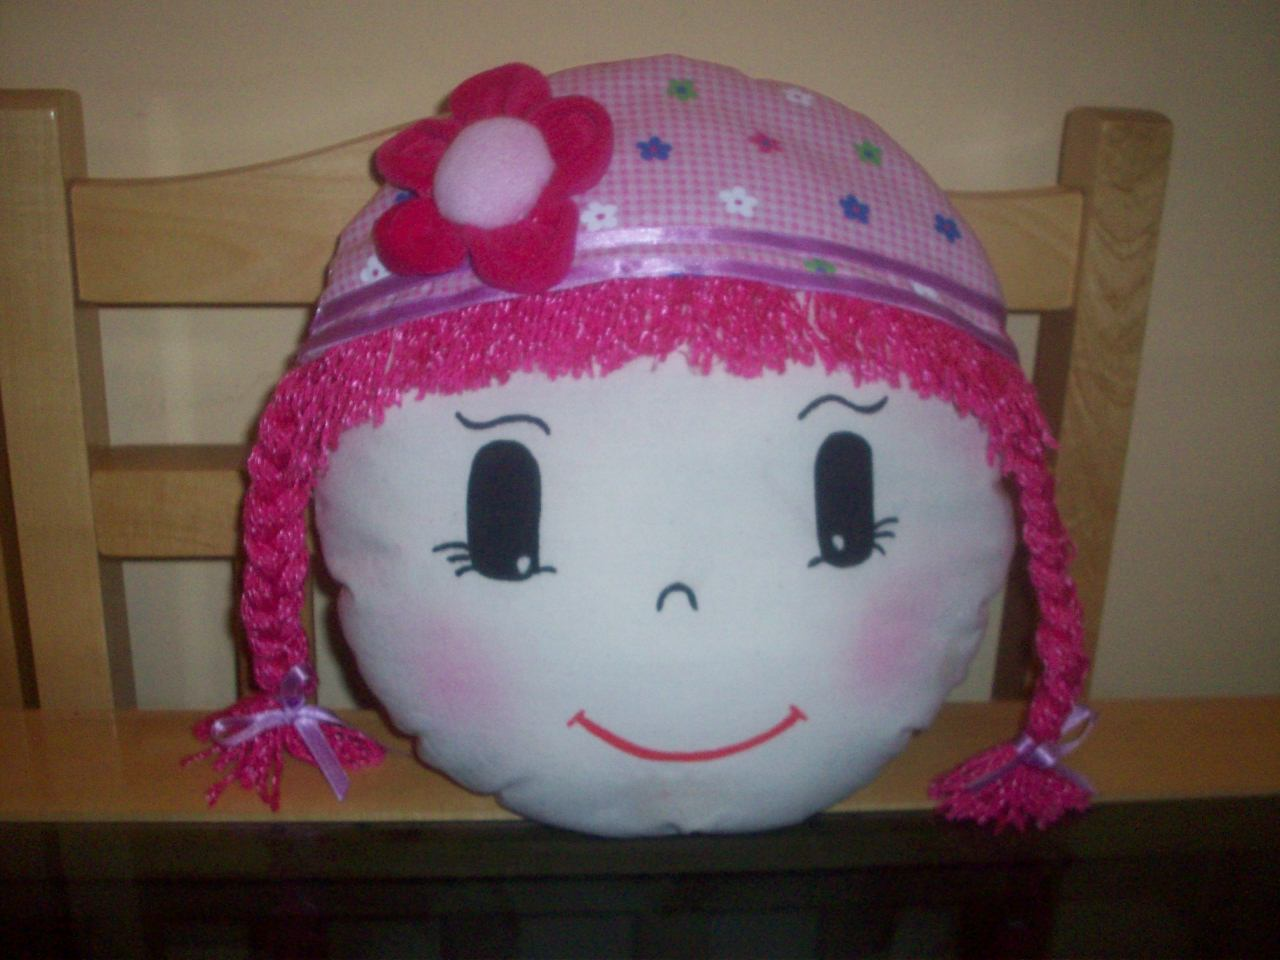 cara de boneca faço com outras estampas de boina e outras cores de